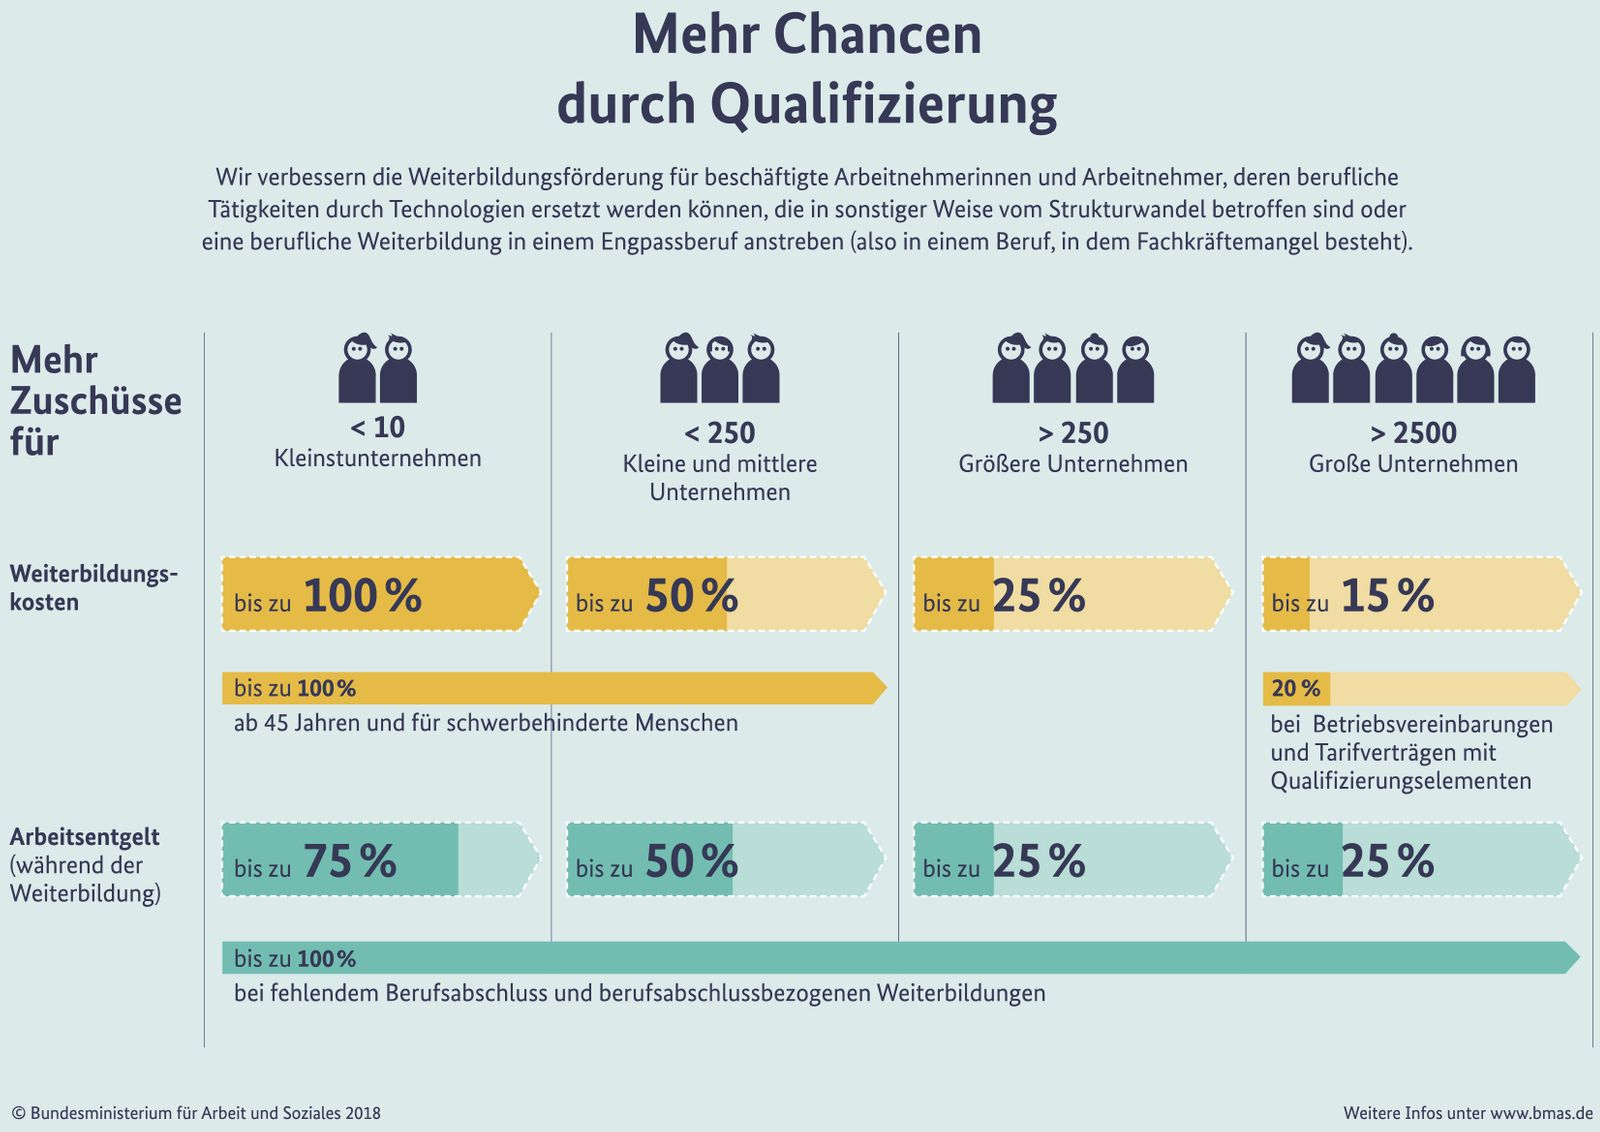 EINMALIGE VERWENDUNG Content Partner | BMAS | Mehr Chancen durch Qualifizierung